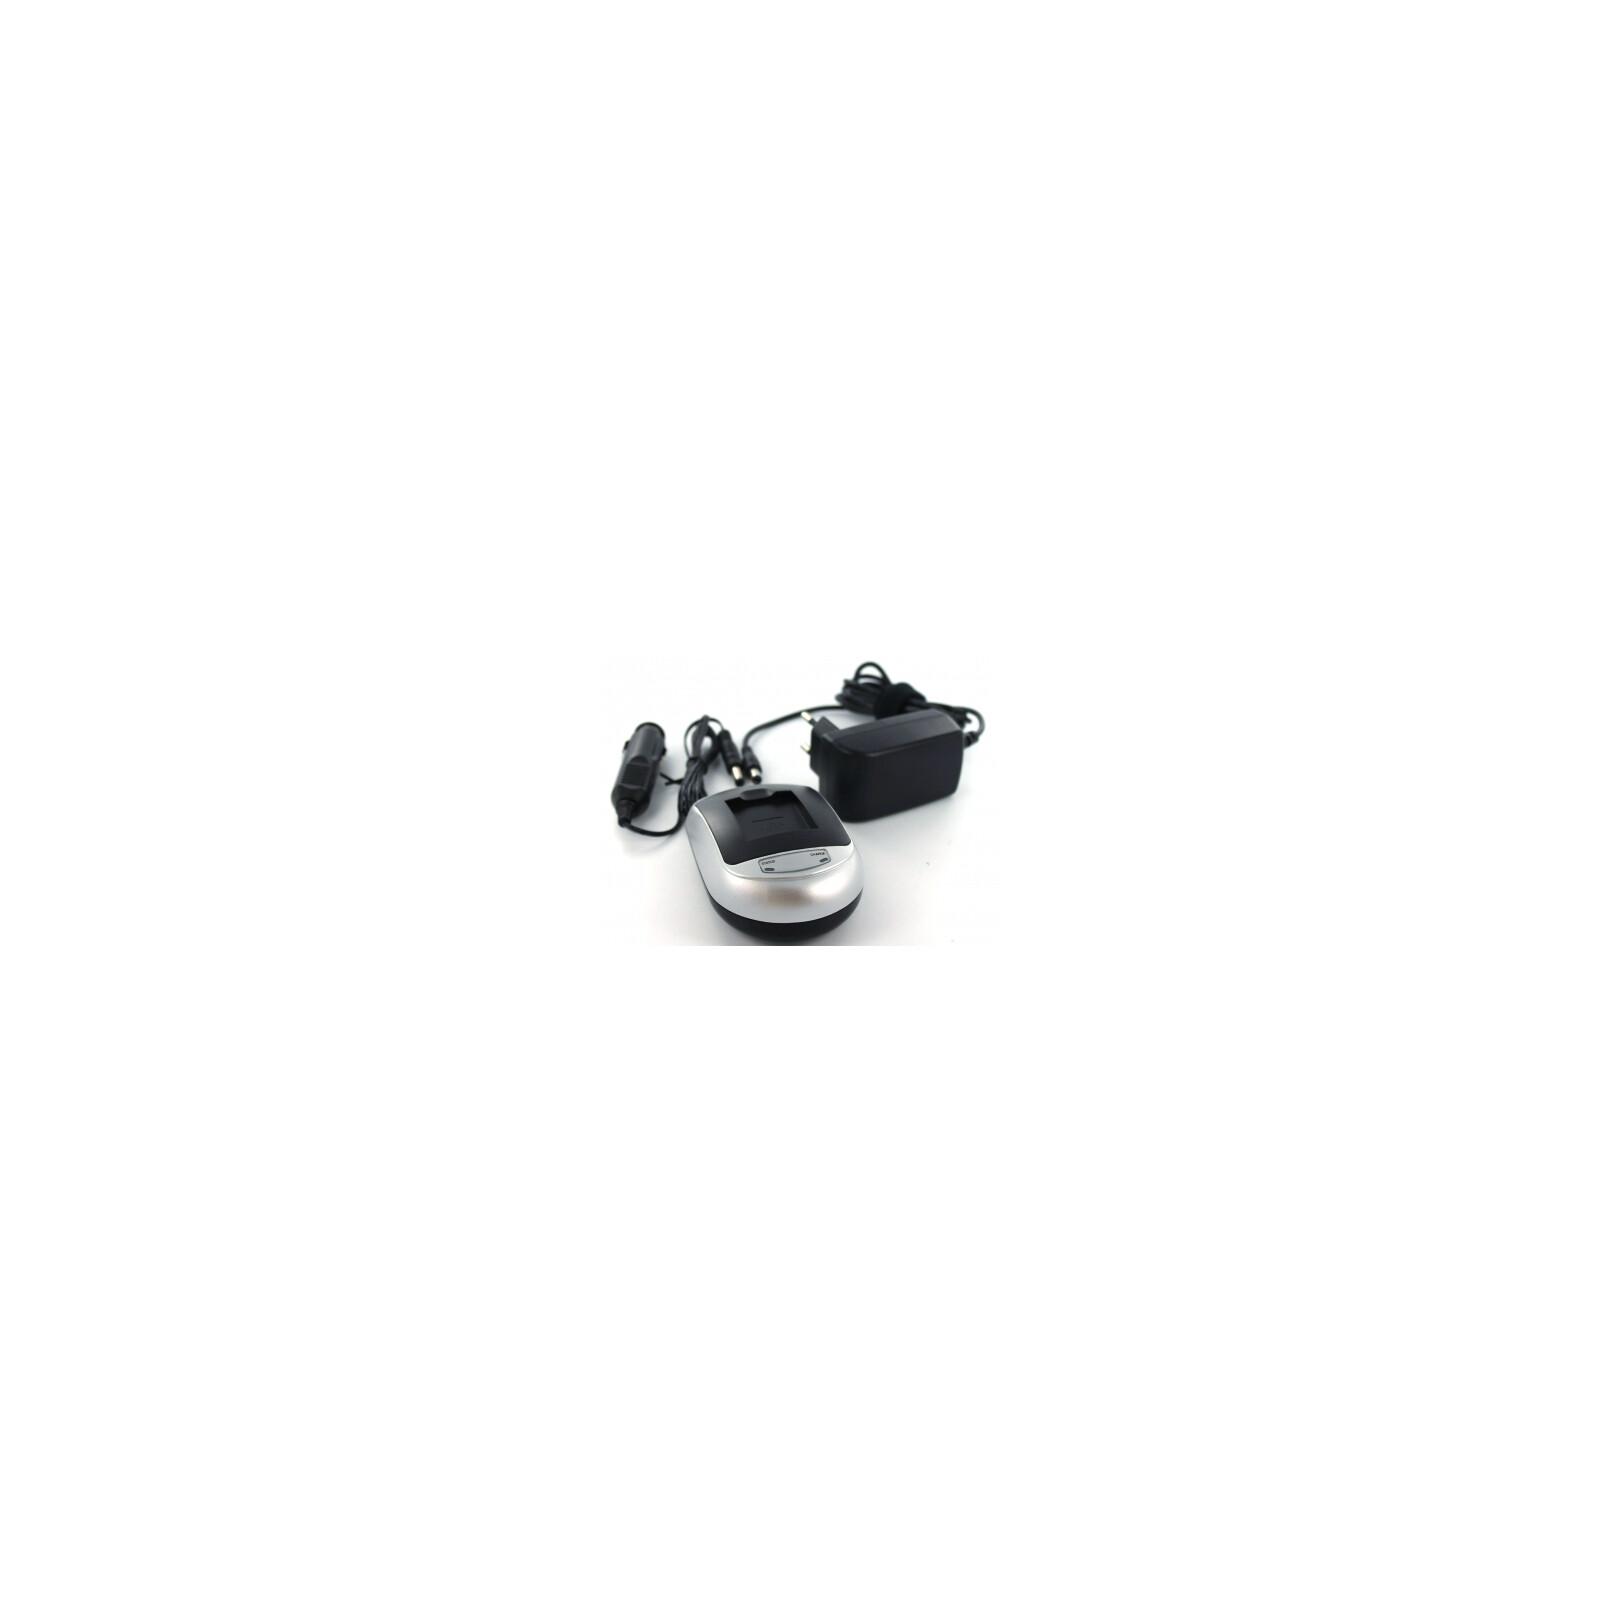 AGI 72112 Ladegerät Nikon EN-EL10